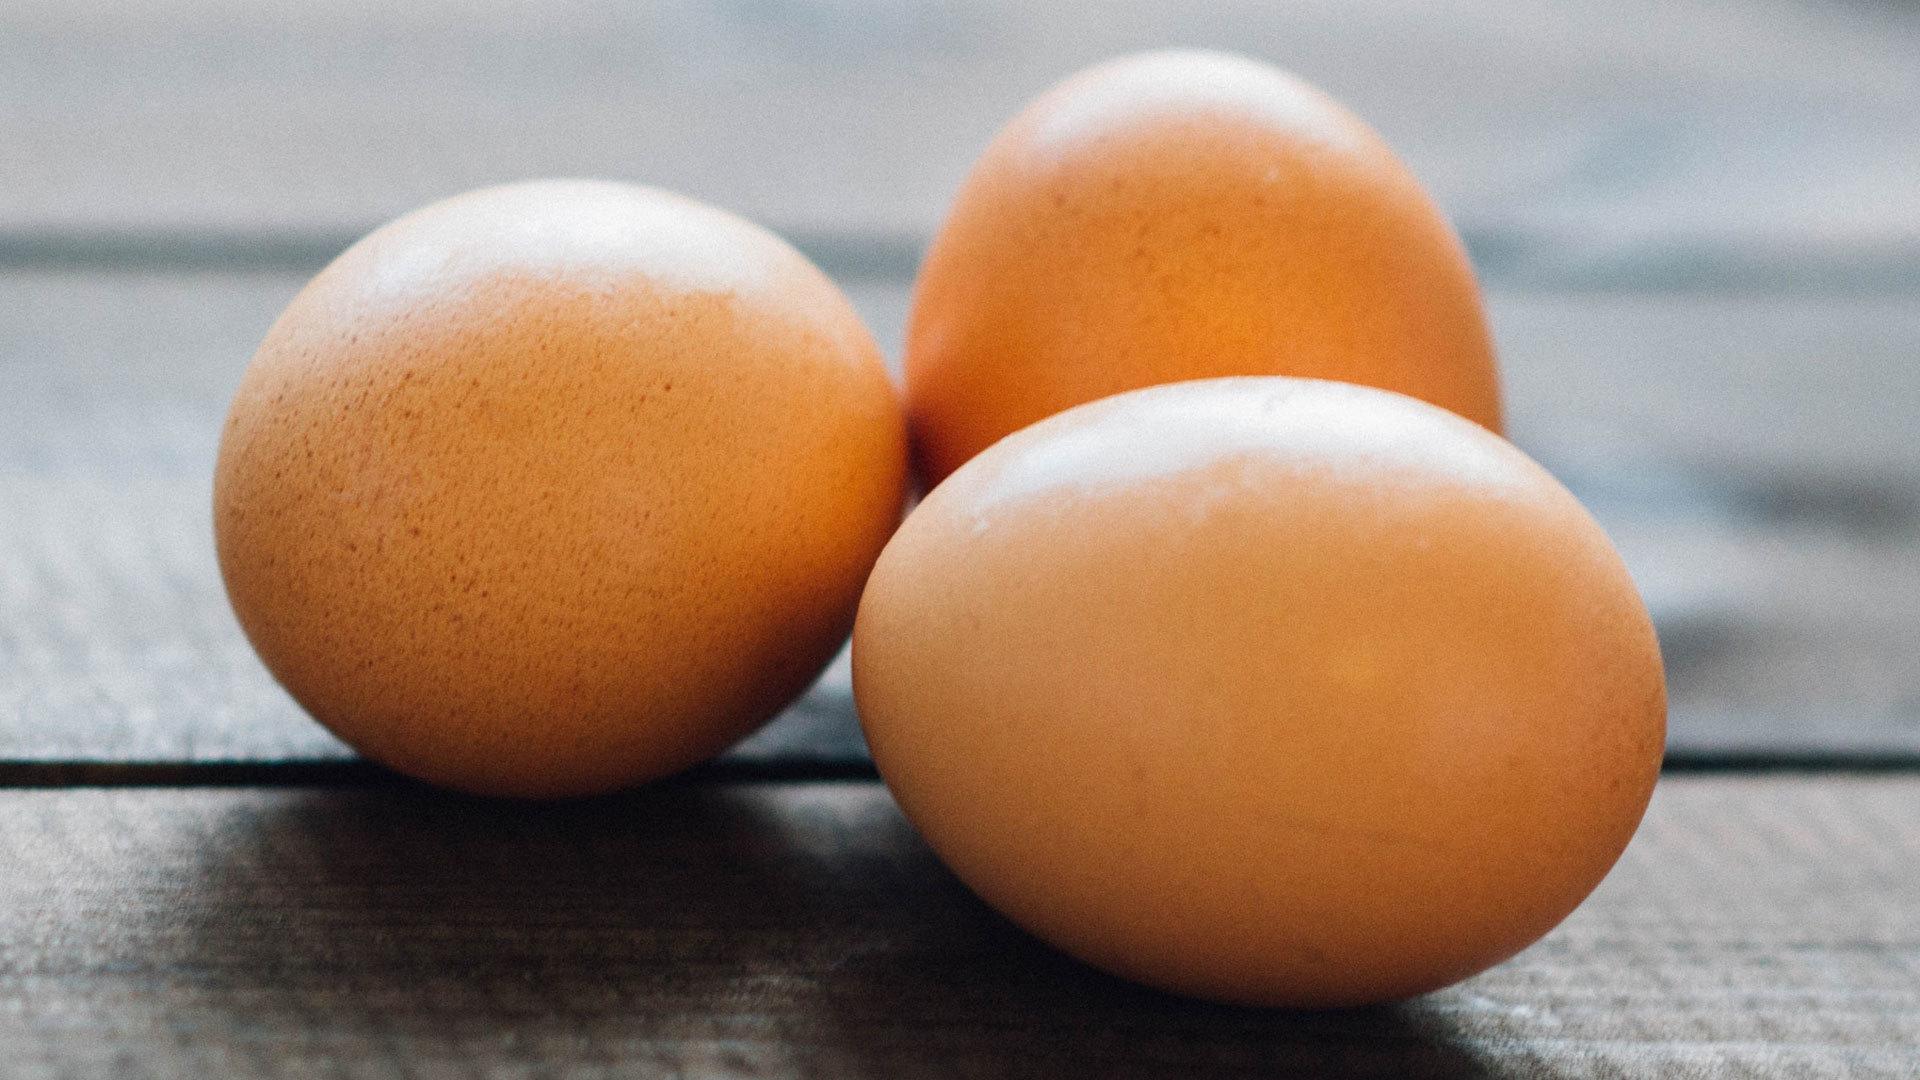 baking-without-eggs.jpeg